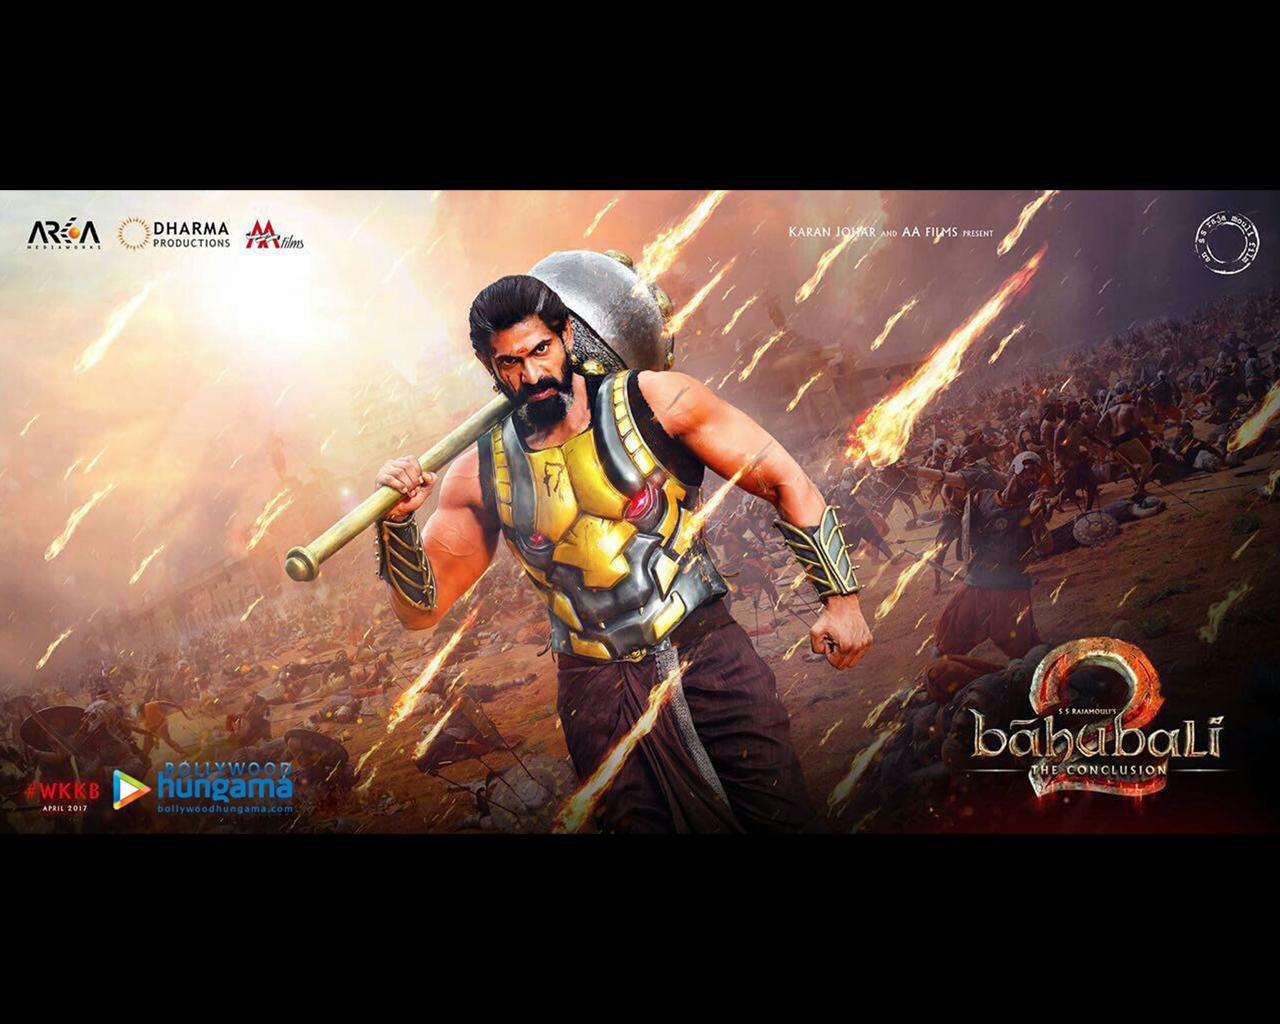 bahubali 2 full hd movie video